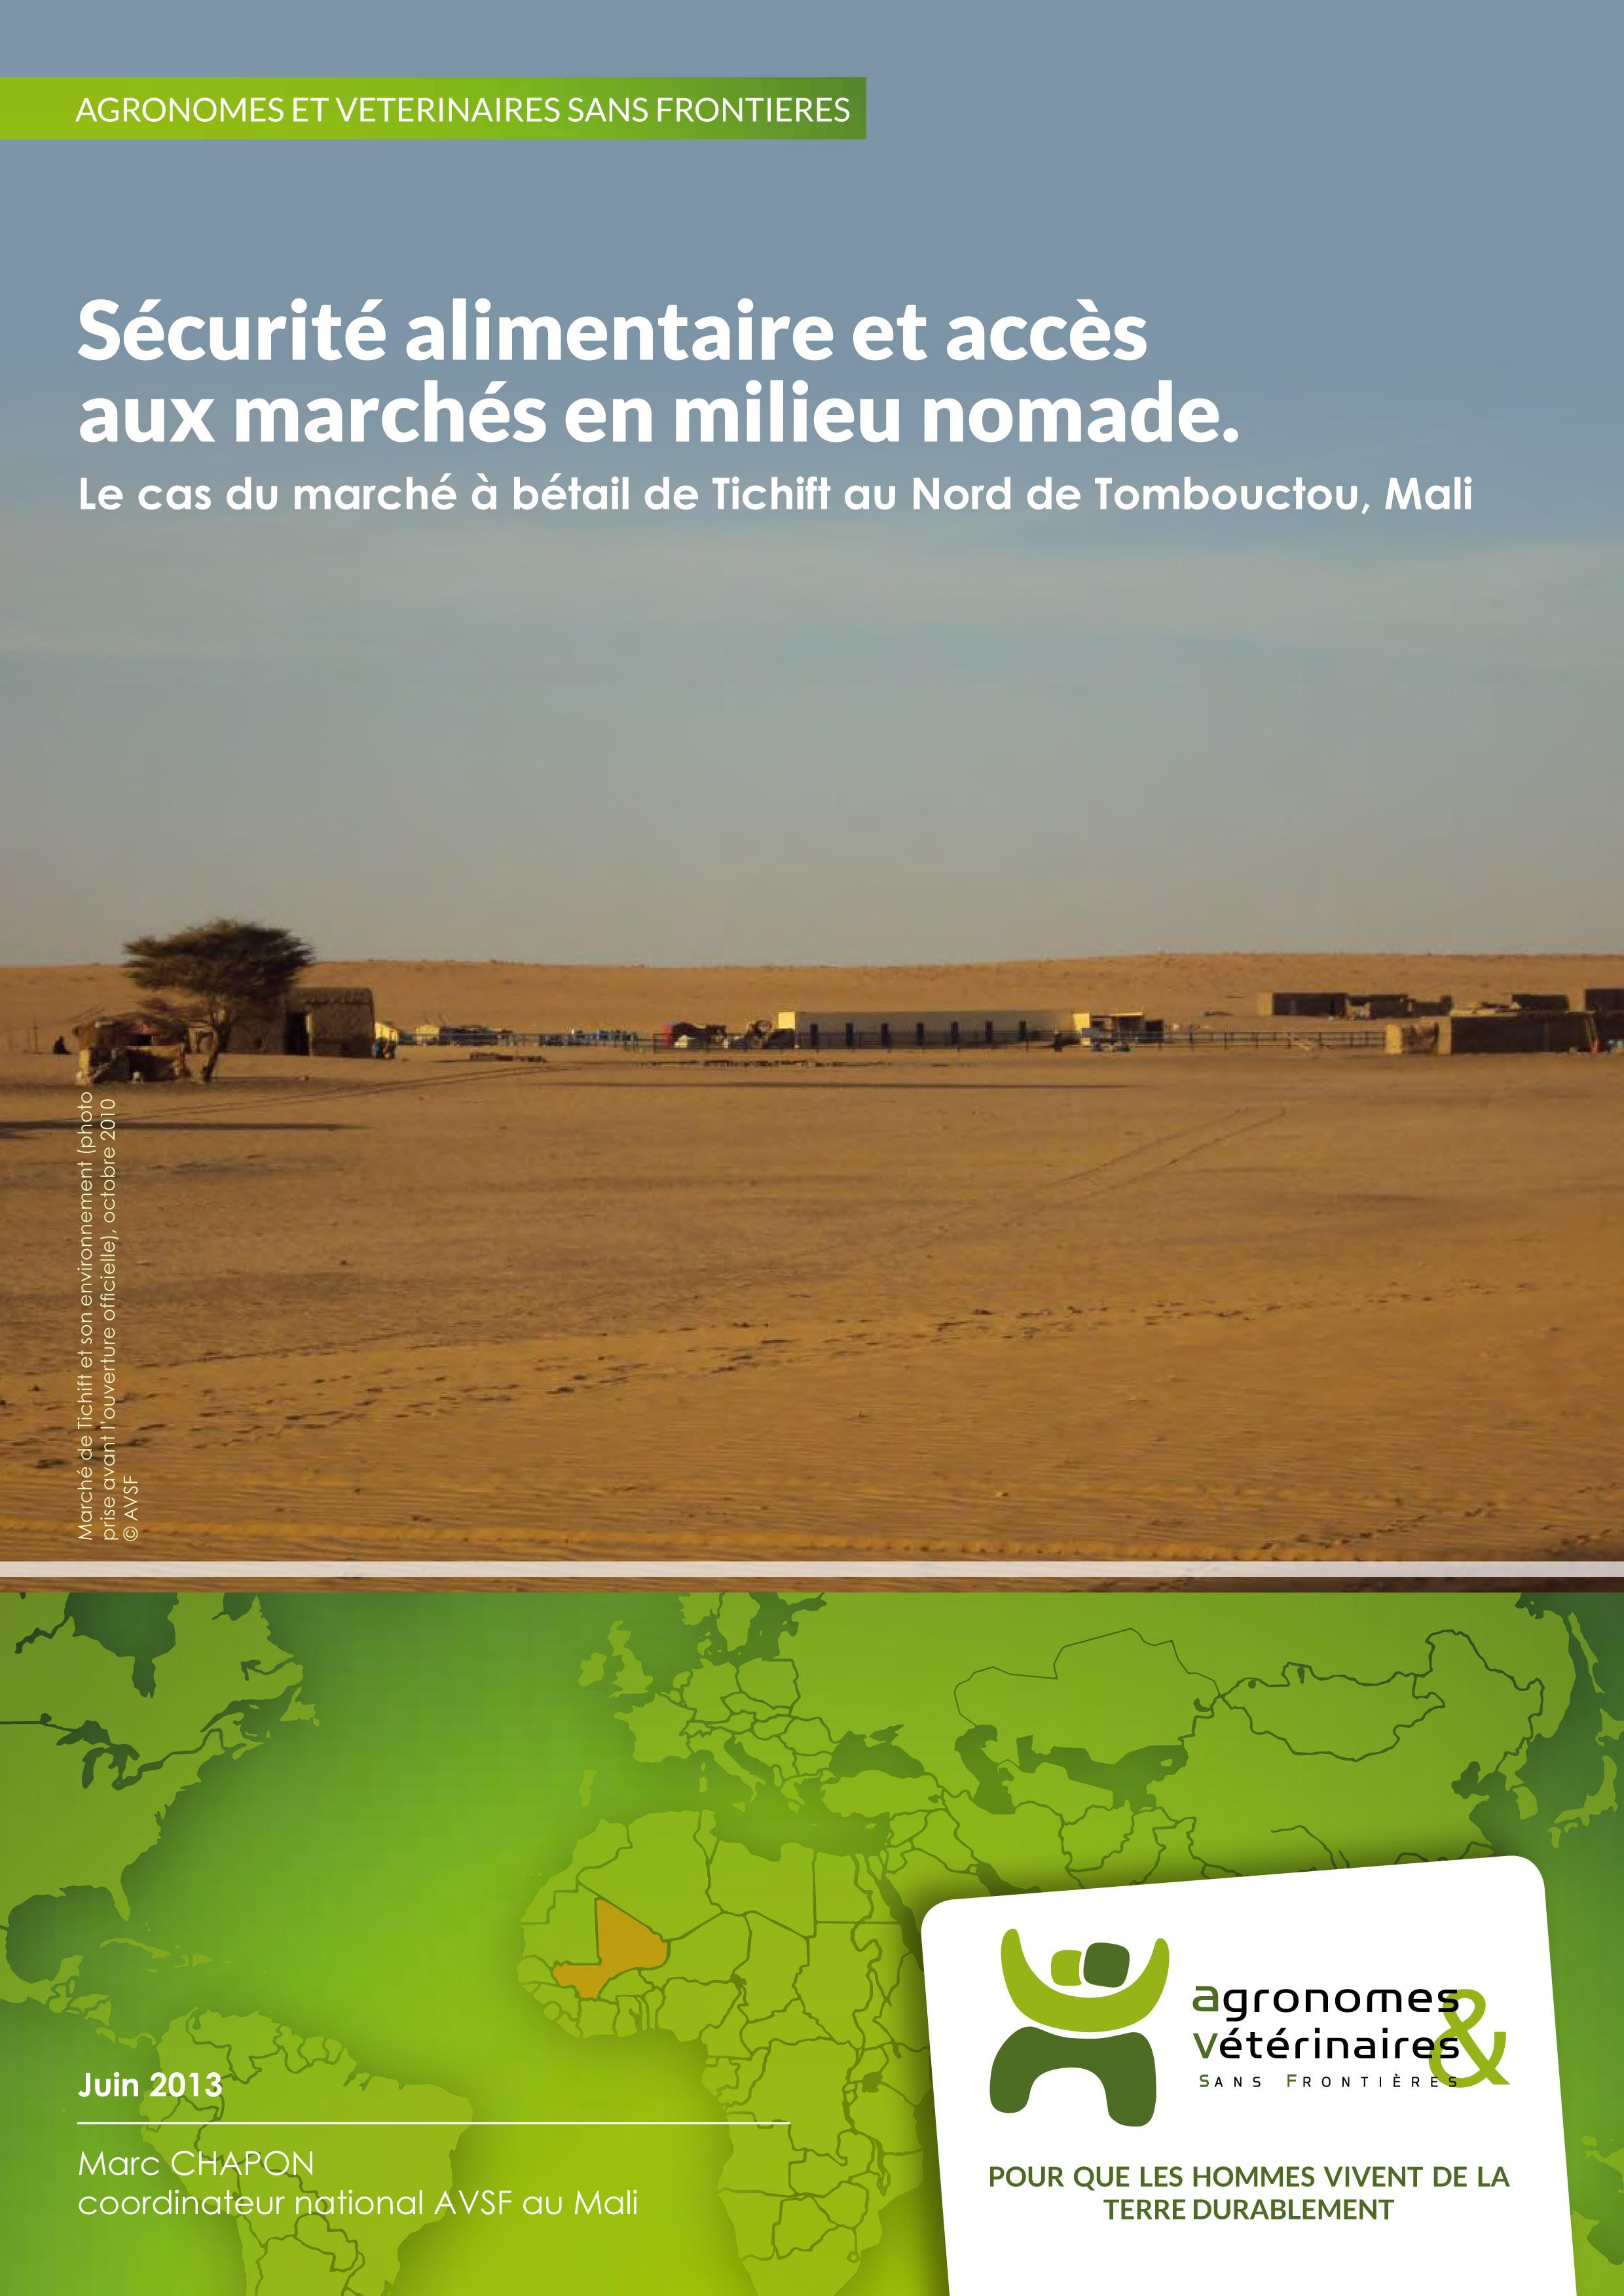 Sécurité alimentaire et accès aux marchés en milieu nomade : le marché de Tichift au Nord du Mali Image principale